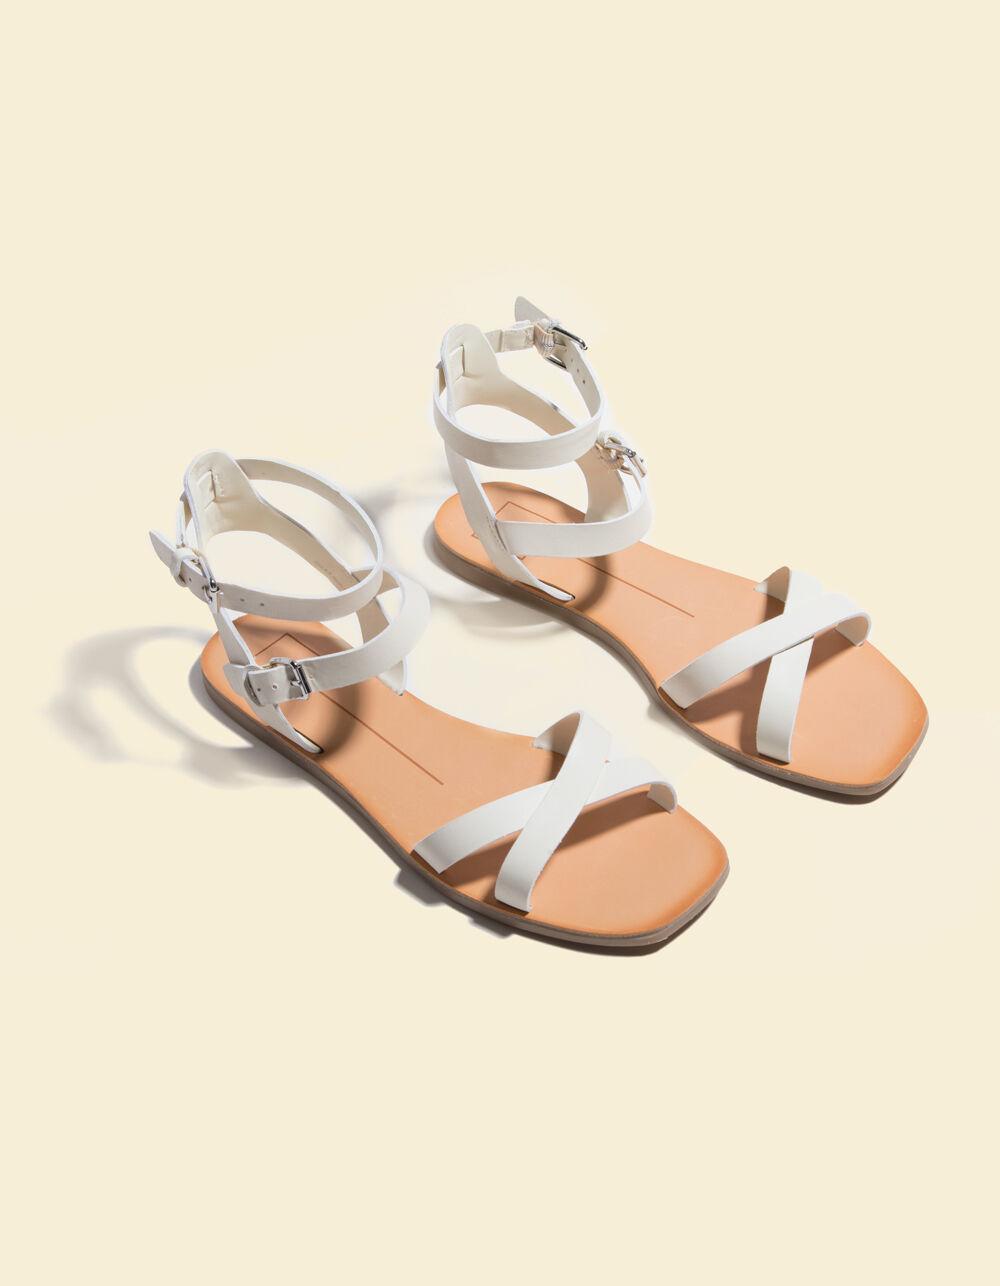 DOLCE VITA Canta White Sandals